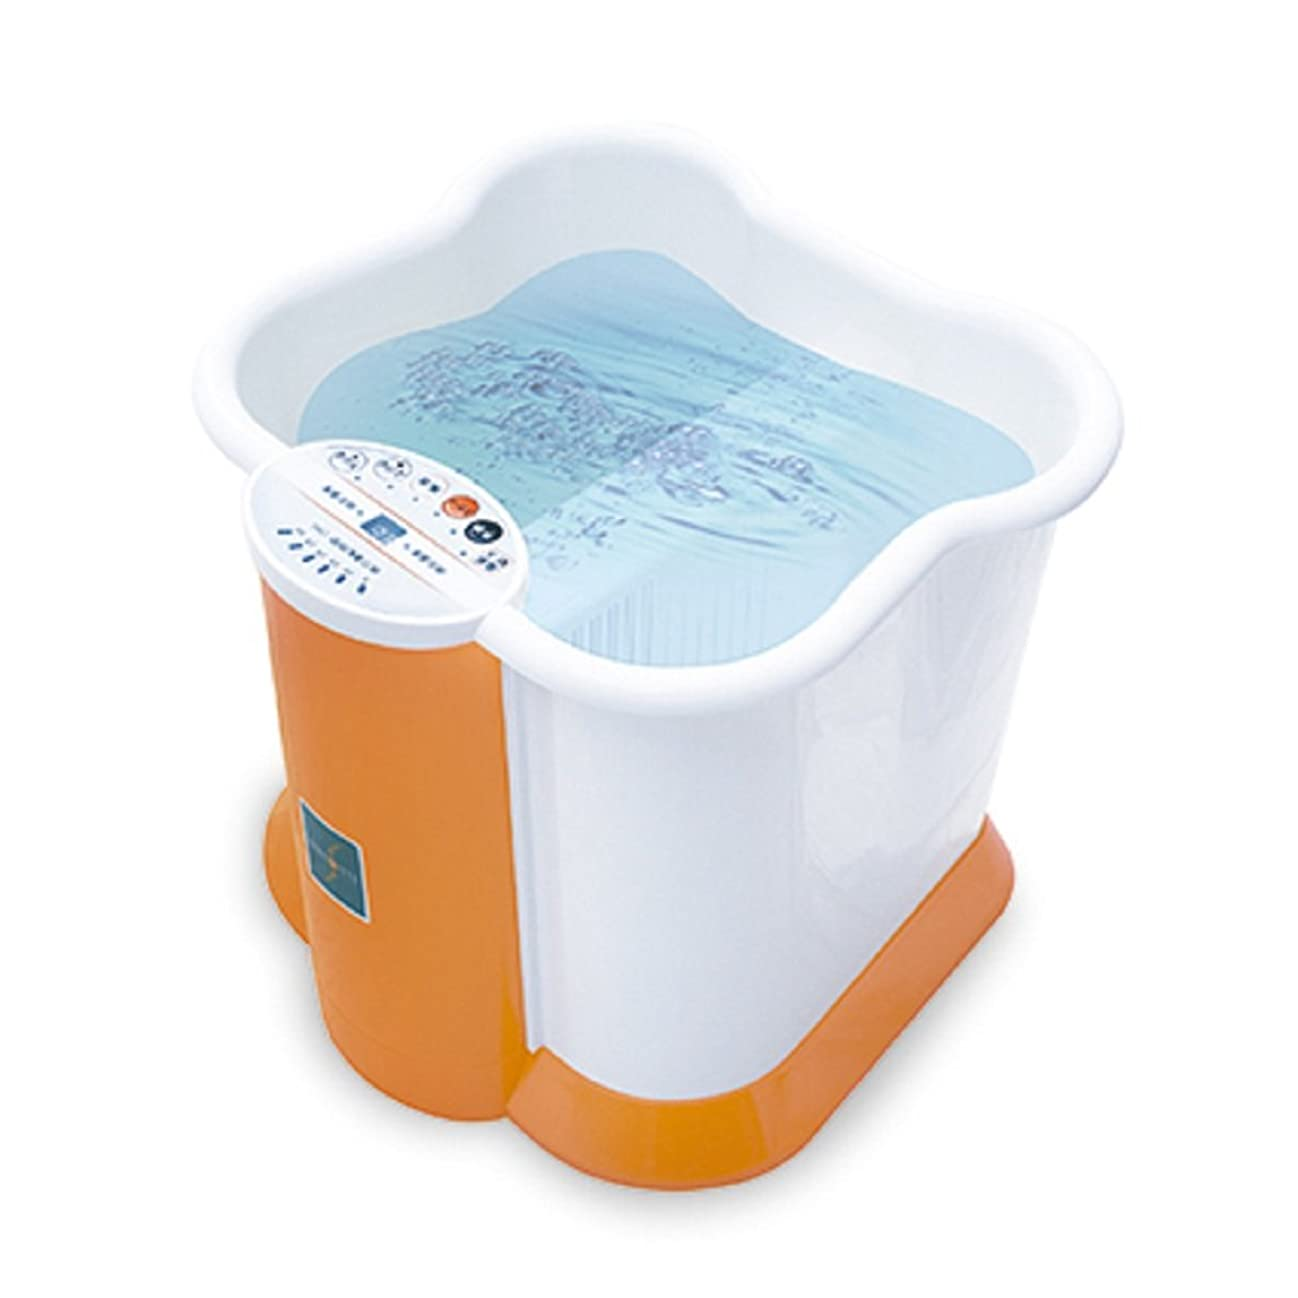 冒険家支援復活深型 足湯 フットバス Ashiyu foot Spa KS-N1010 保温 バブル